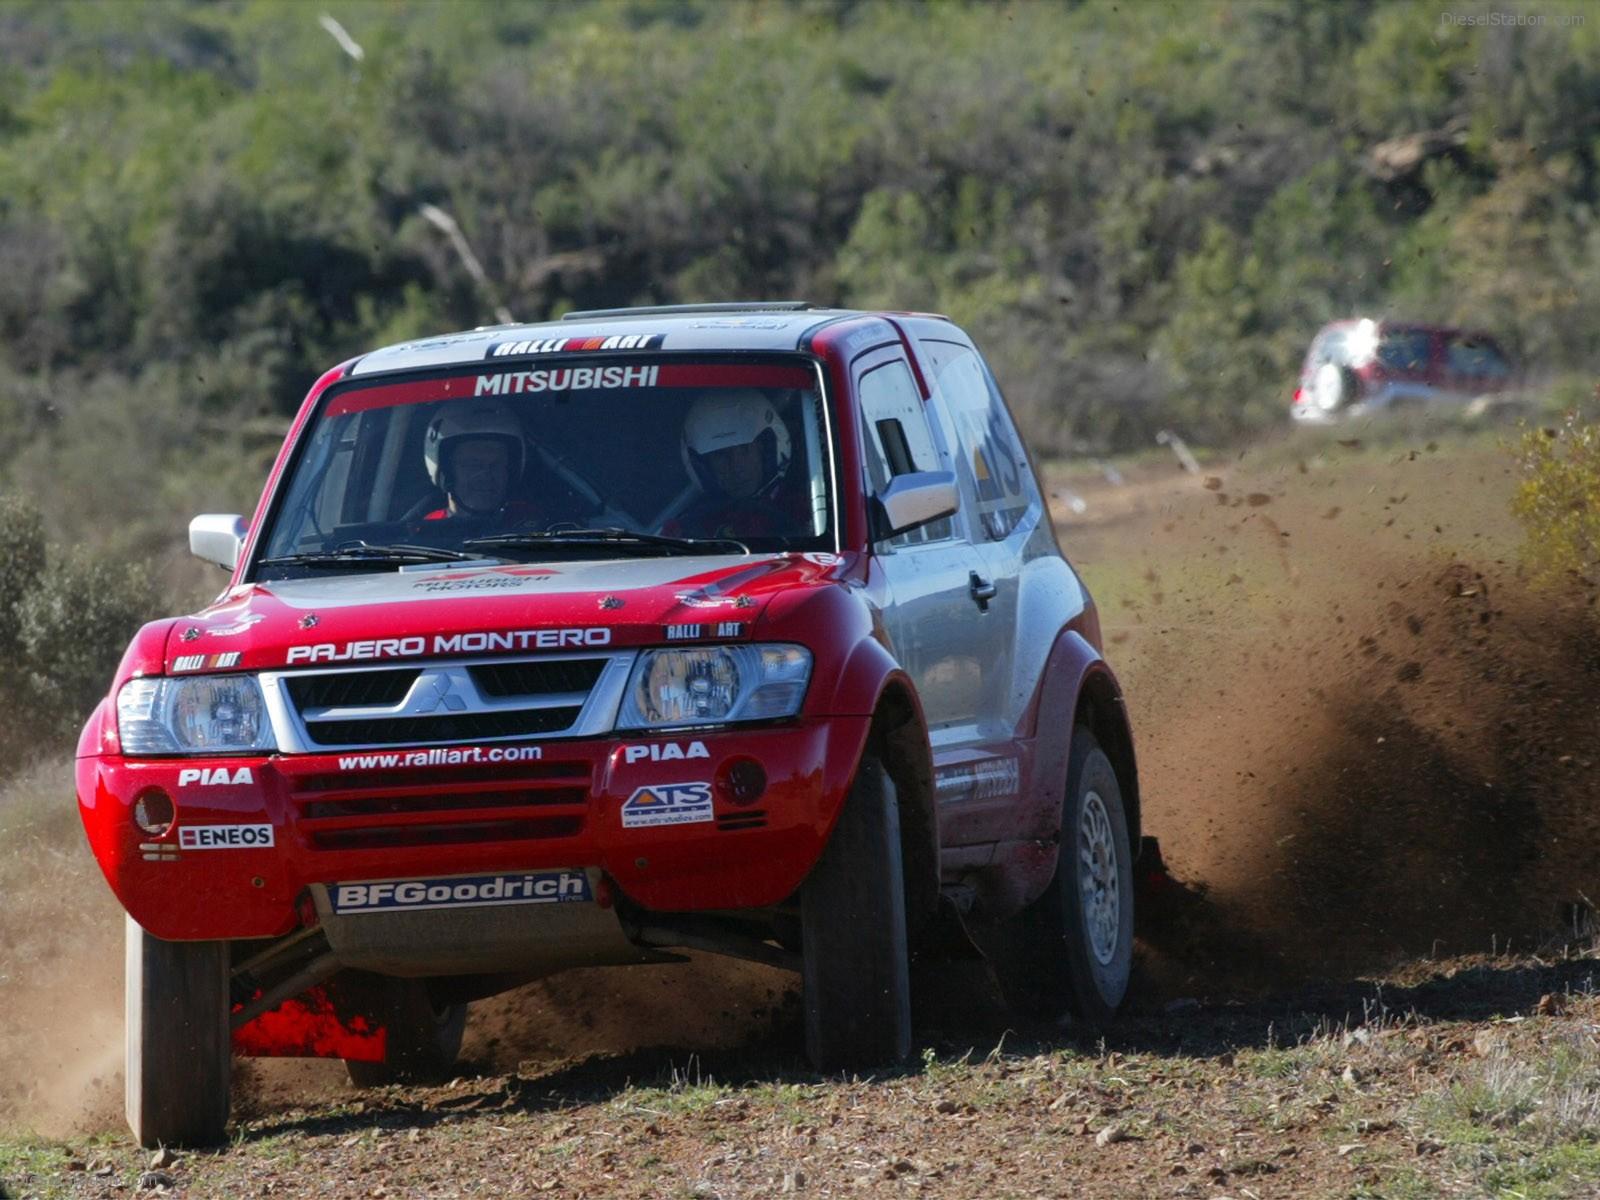 http://1.bp.blogspot.com/-xZp3Ce7_AIQ/T6YKUeZC3GI/AAAAAAAAA5g/CWOfHFadhL8/s1600/Mitsubishi+Pajero+Sport+Car+Photo.jpg